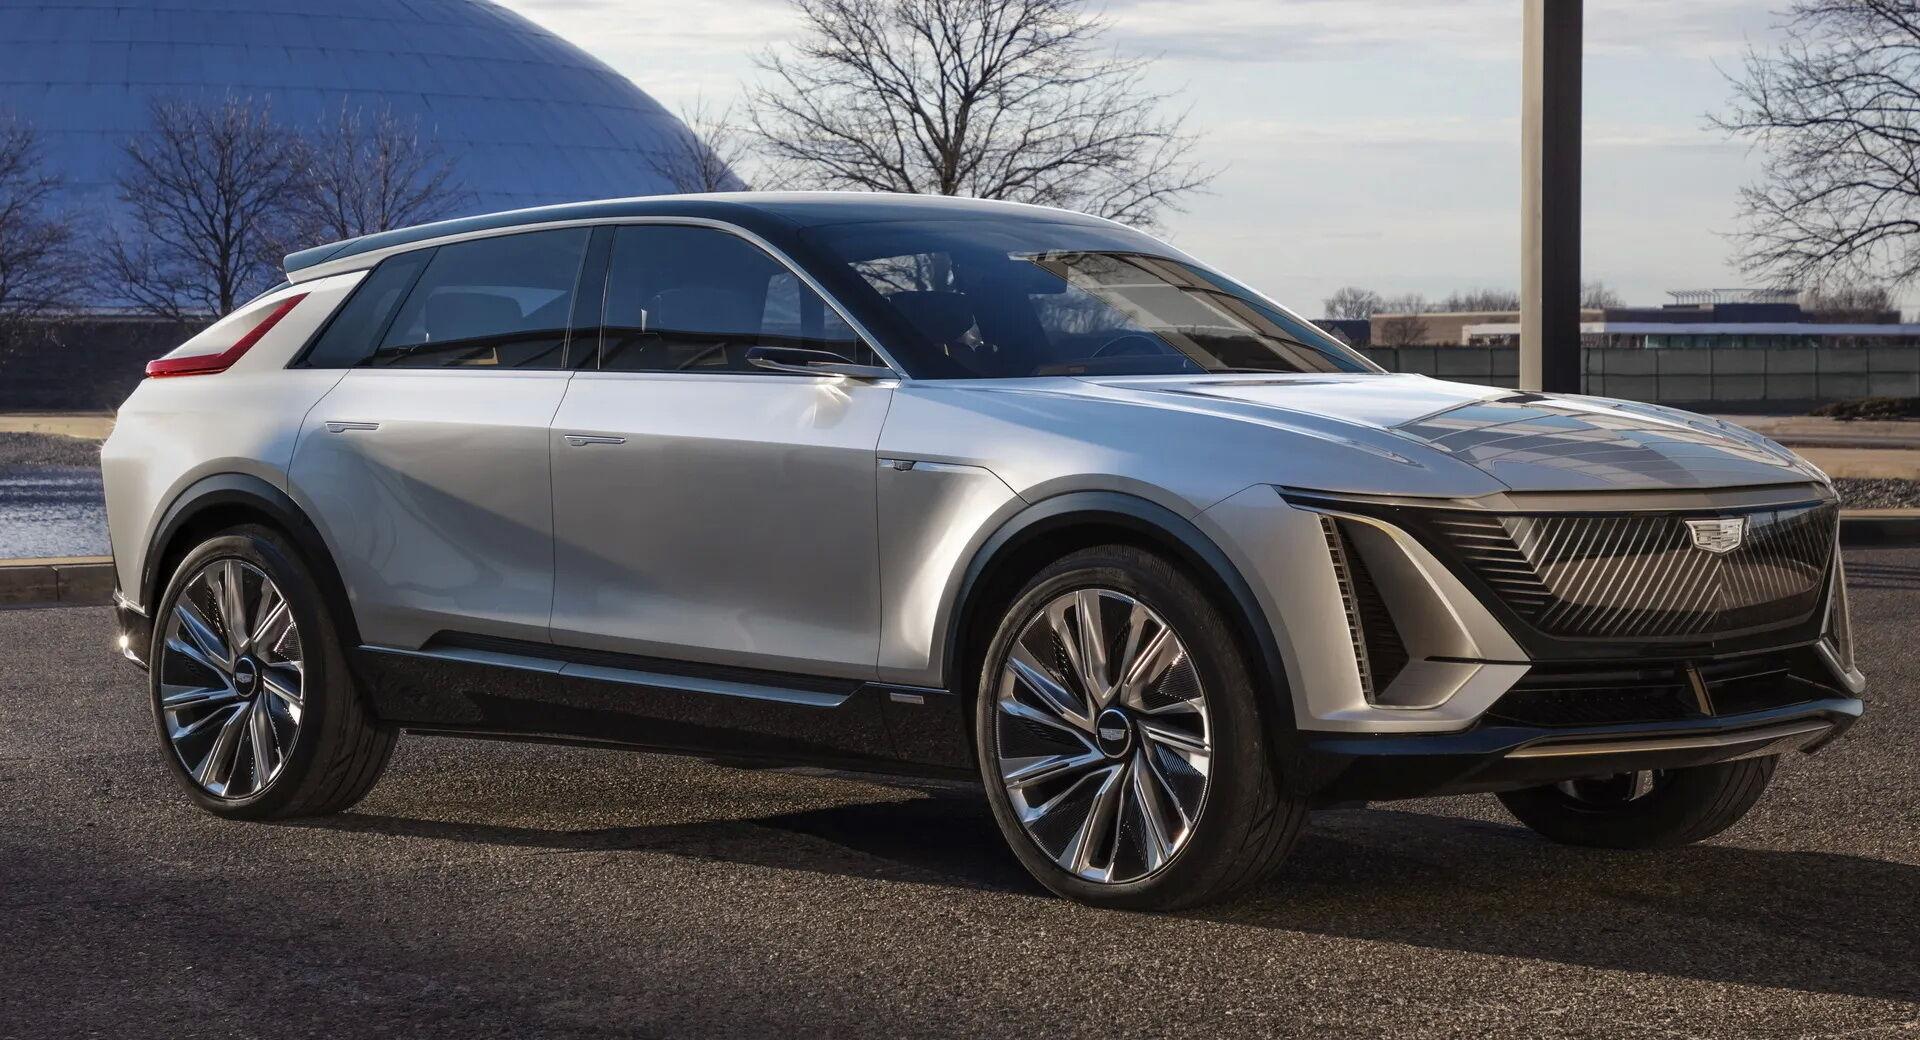 Презентация первого в истории марки Cadillac электрического кроссовера состоится 21 апреля на автошоу в Шанхае